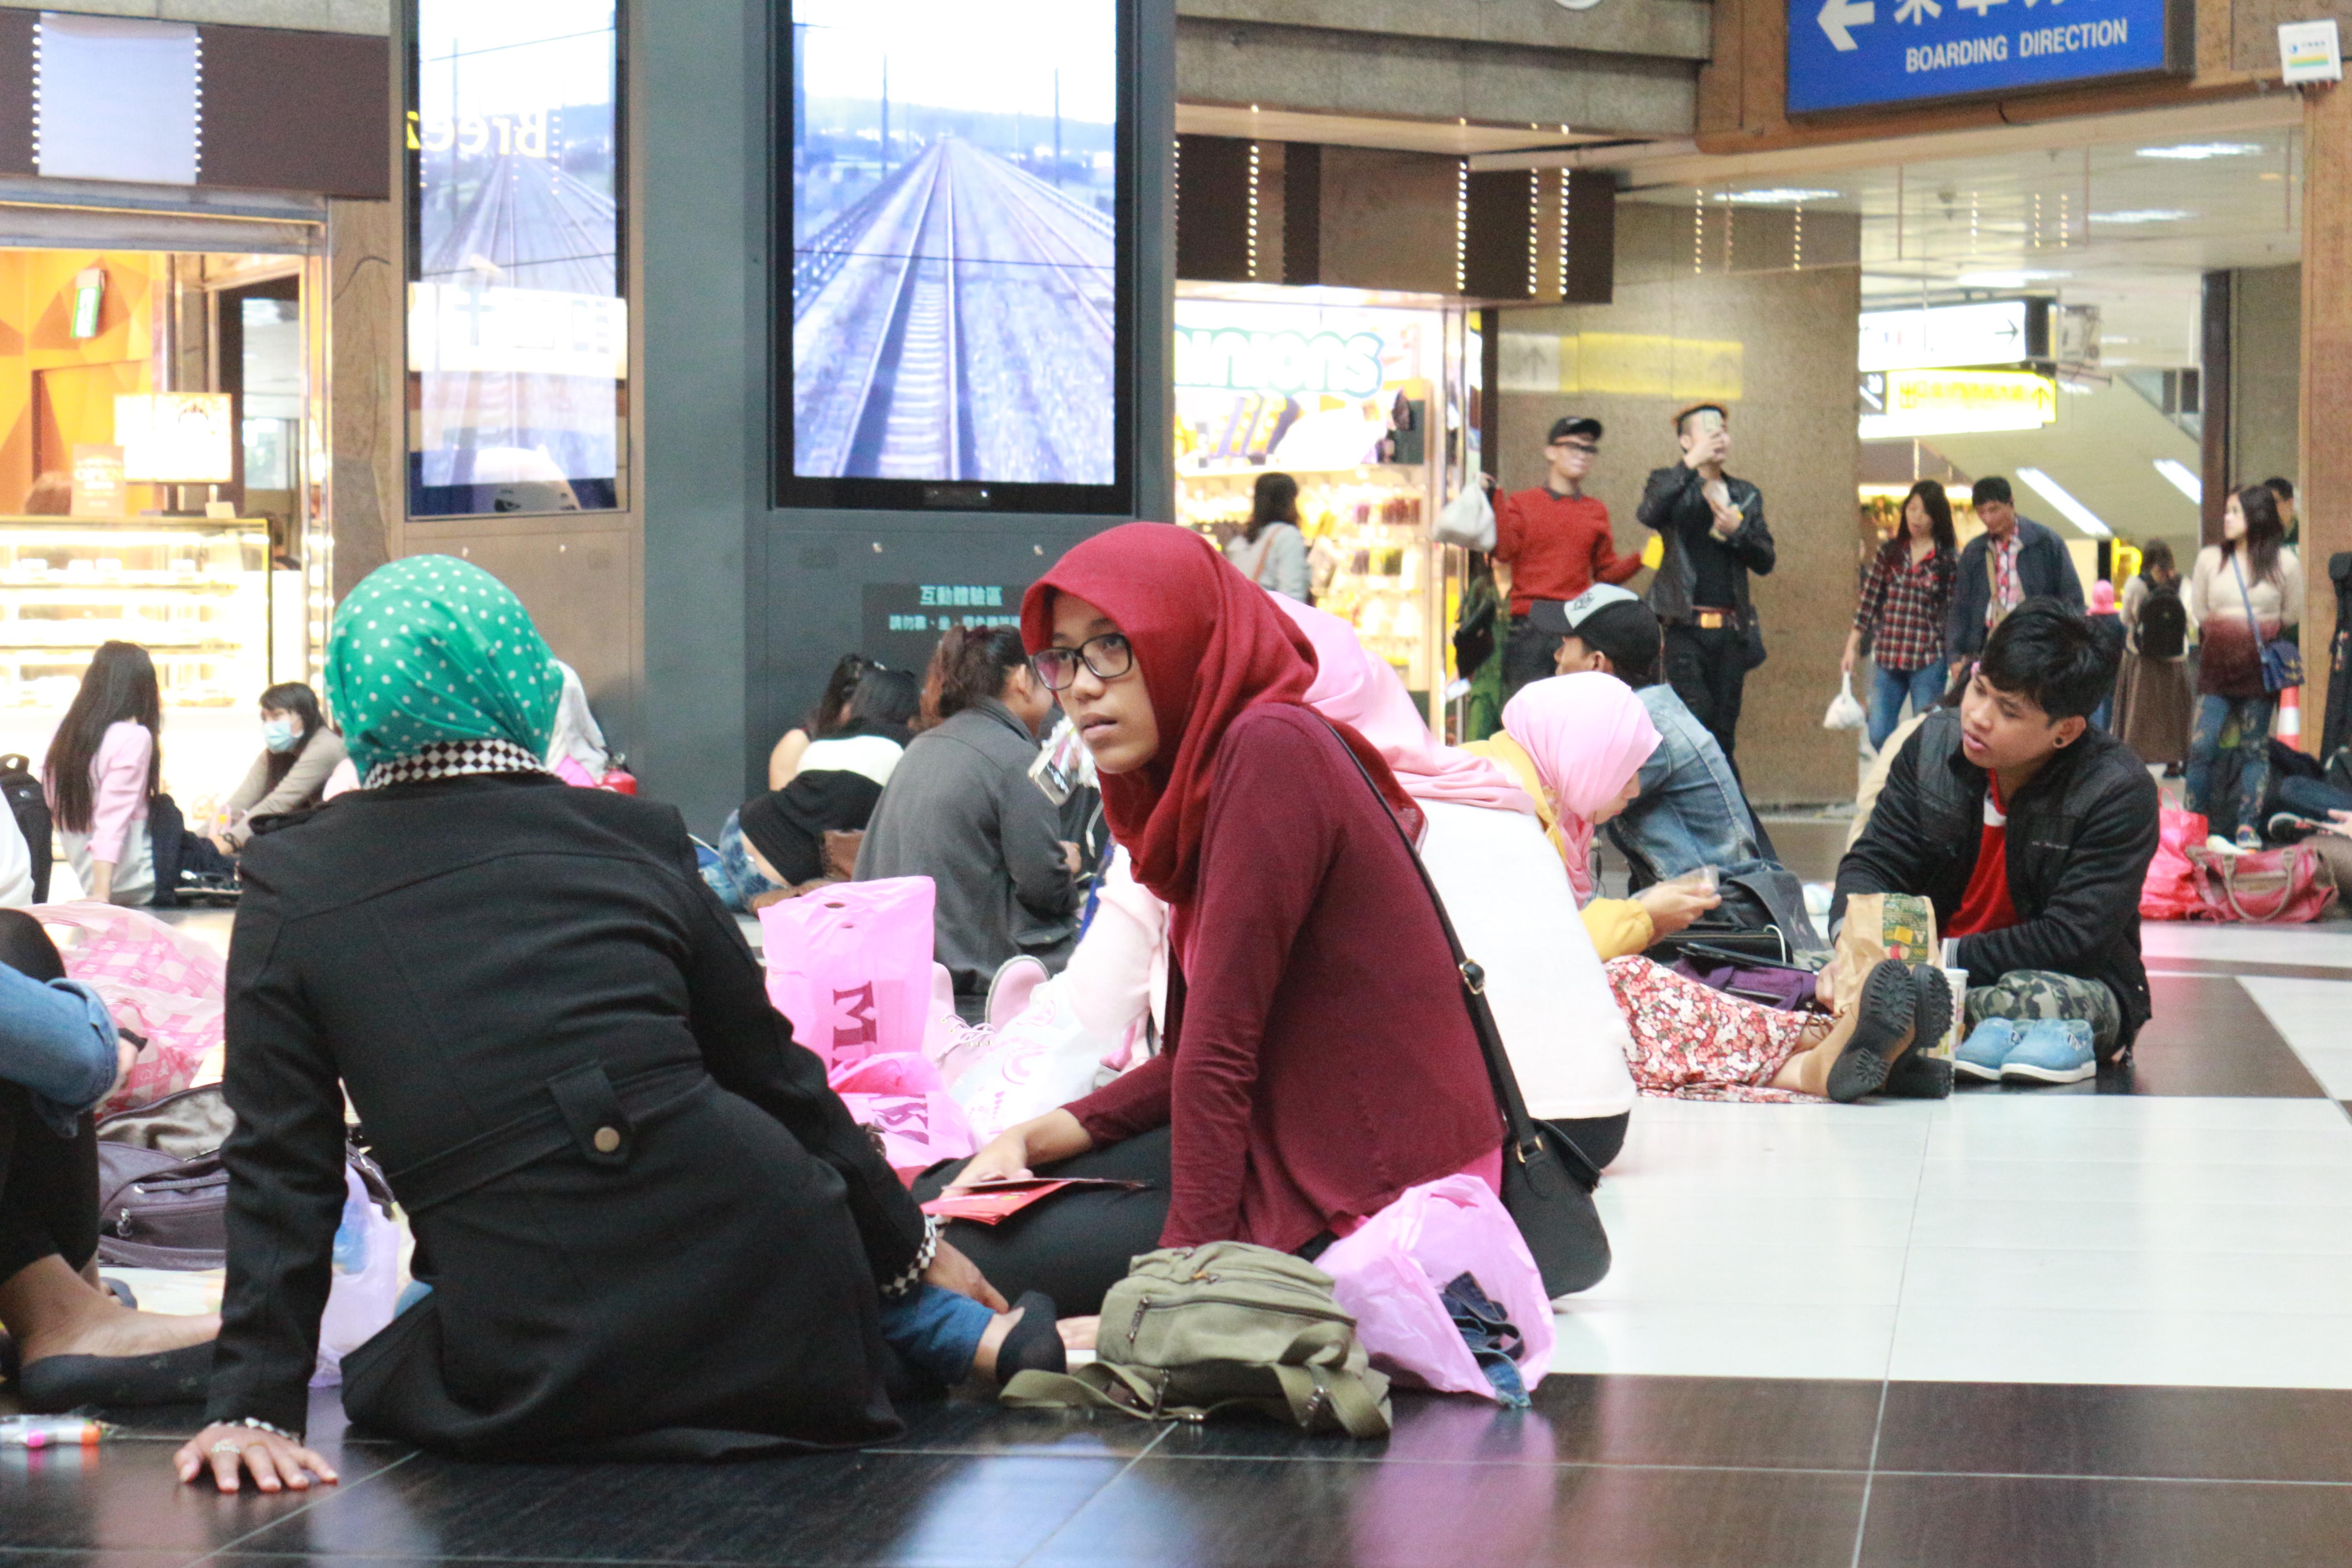 台北車站是許多穆斯林移工的聚會場所。攝影莊立誠